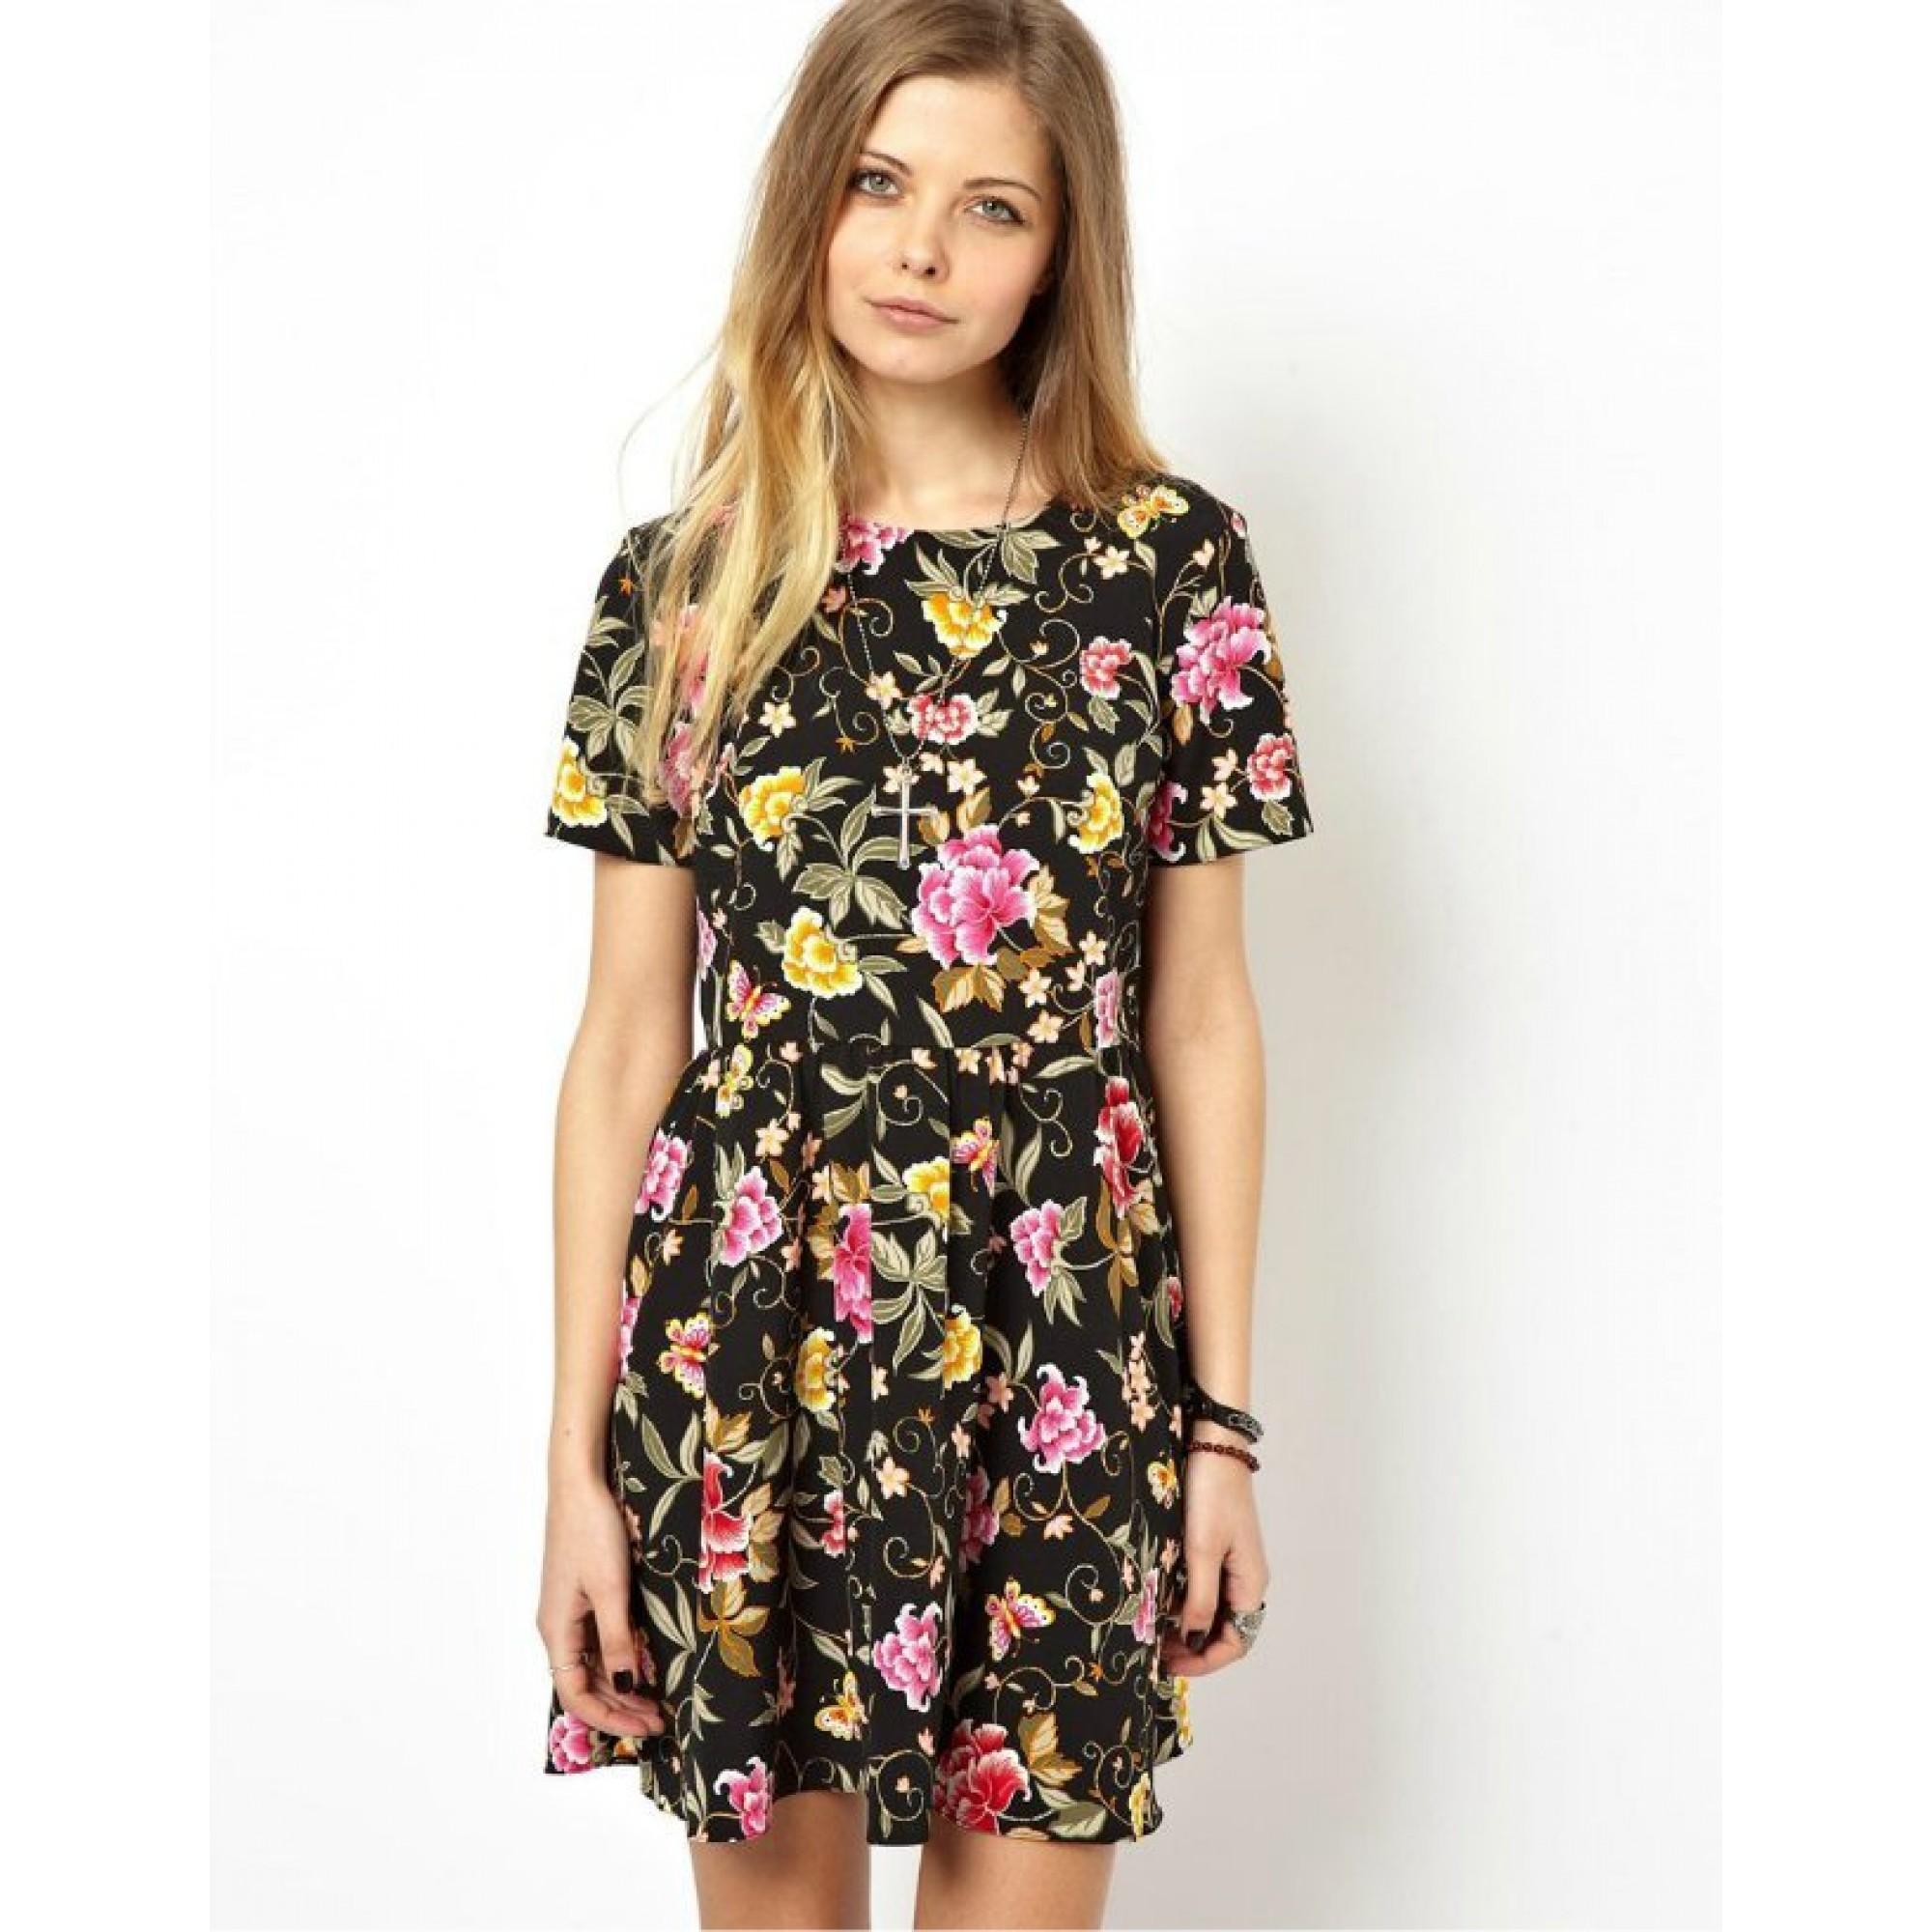 9a6707097b3 Модные платья для девочек подростков в 2017 год - обзор актуальных ...